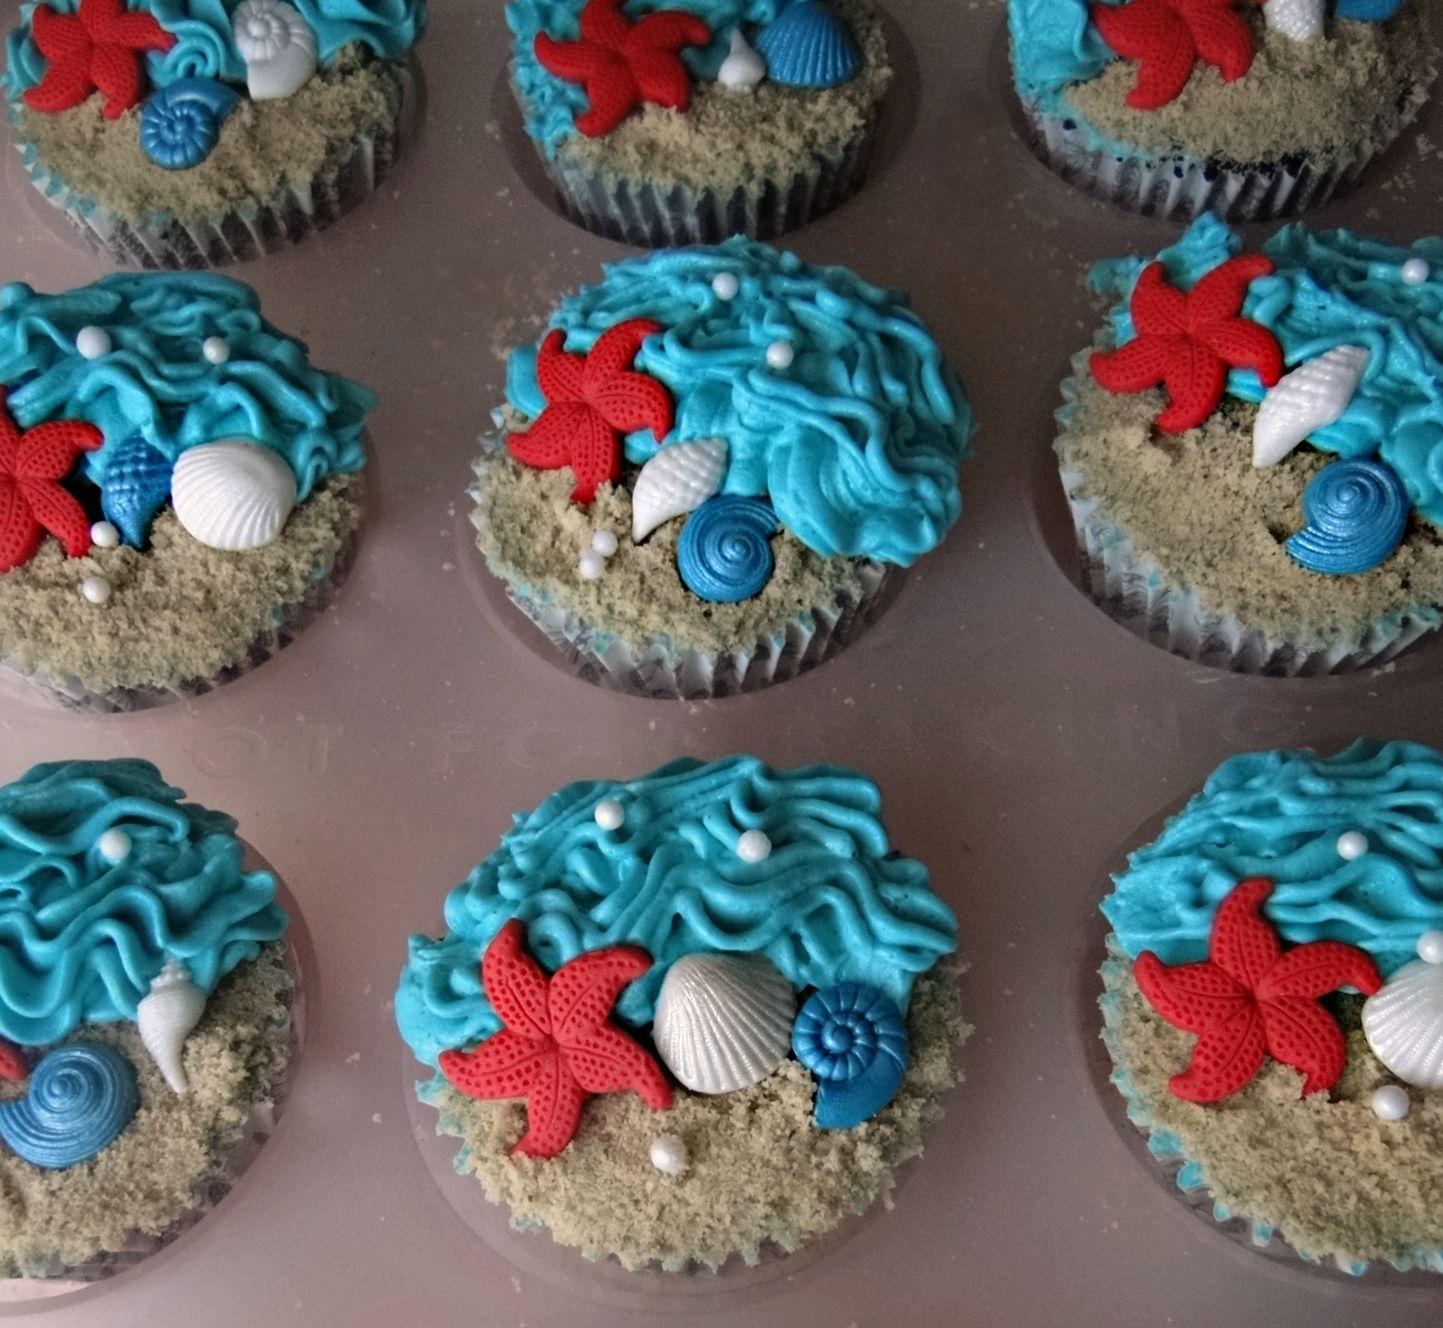 Beach Wedding Food Ideas: Cupcake Ideas With A Beach Theme